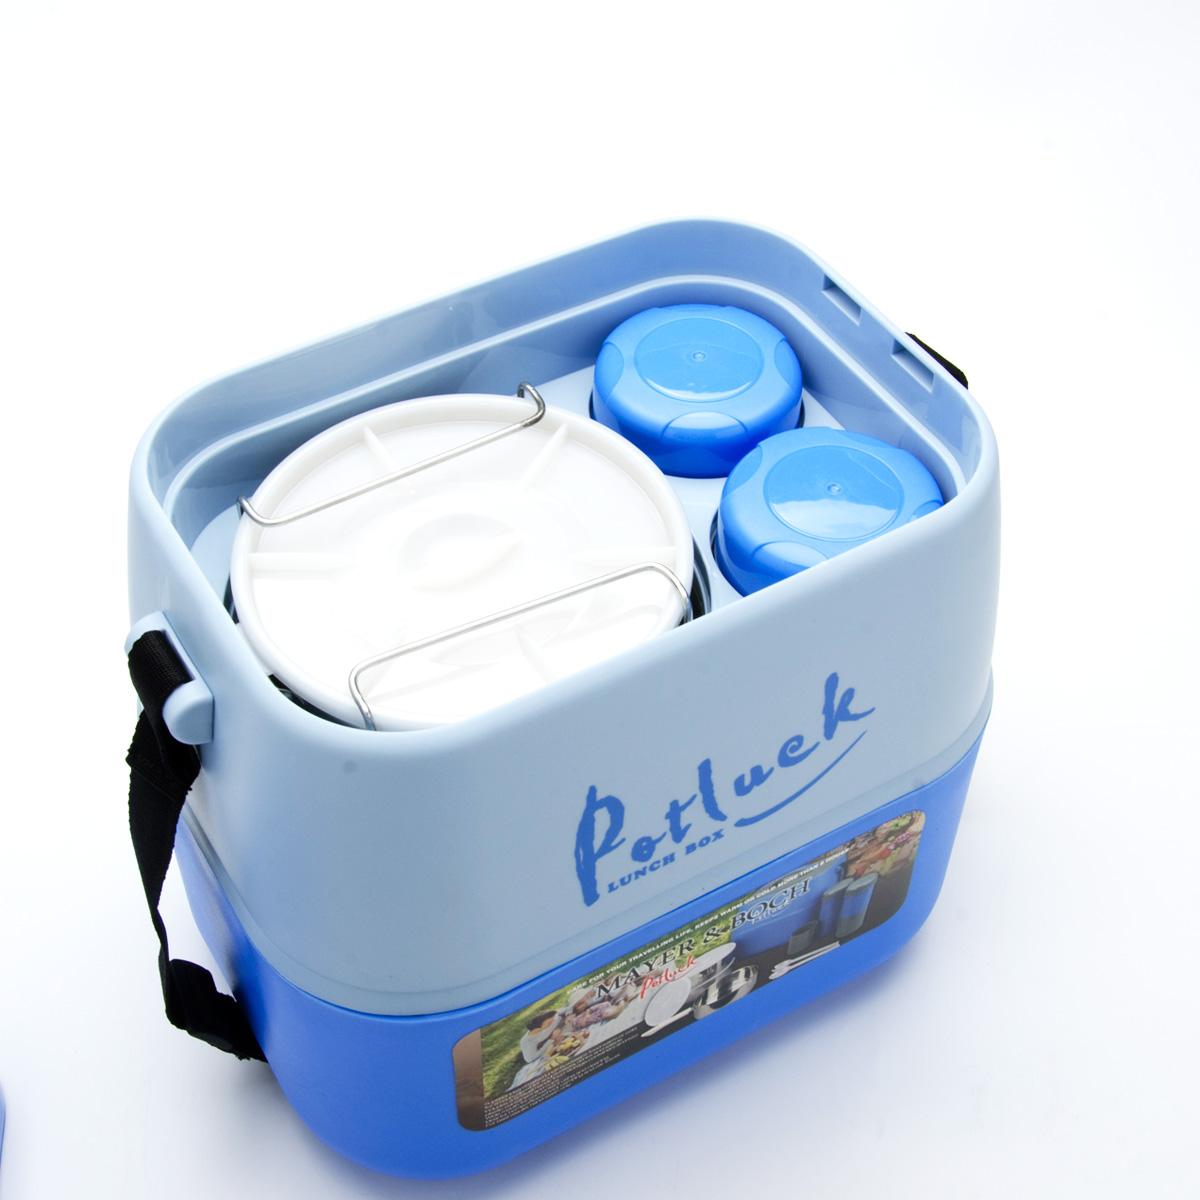 Термо-контейнер для продуктов Mayer & Boch, цвет: синий, 3,6 л21395599Термо-контейнер Mayer & Boch, изготовленный из полипропилена, станет незаменимой вещью для офисных работников, водителей, школьников и студентов. Благодаря двойной стенке и герметичной крышке термо-конейнер сохраняет температуру продуктов в течение 4-5 часов, поэтому вы сможете насладиться теплым обедом и вне дома. Изделие имеет абсолютно герметичную конструкцию. Контейнер идеален для пикников и путешествий. Вы можете носить в нем обеды и завтраки, супы, закуски, фрукты, овощи и другое. Термо-контейнер прекрасно подходит для горячей и холодной пищи. Для более удобной транспортировки изделие оснащено текстильным ремнем. В наборе - 3 стальных контейнера для пищи с пластиковыми крышками, металлическая подставка и съемная ручка для контейнеров, 2 пластиковые емкости для жидкости с крышками, 2 стакана, пластиковые ложка и вилка-ложка. Все предметы компактно и надежно складываются внутрь термо-контейнера. Объем термо-контейнера: 3,6 л.Размер термо-контейнера: 27 см х 19 см х 29 см.Диаметр контейнера для пищи: 14 см.Высота контейнера для пищи (без учета крышки): 6 см.Размер подставки для контейнеров: 10,5 см х 10,5 см х 19 см.Длина съемной ручки для контейнеров: 11 см.Длина ложки/вилки-ложки: 16 см.